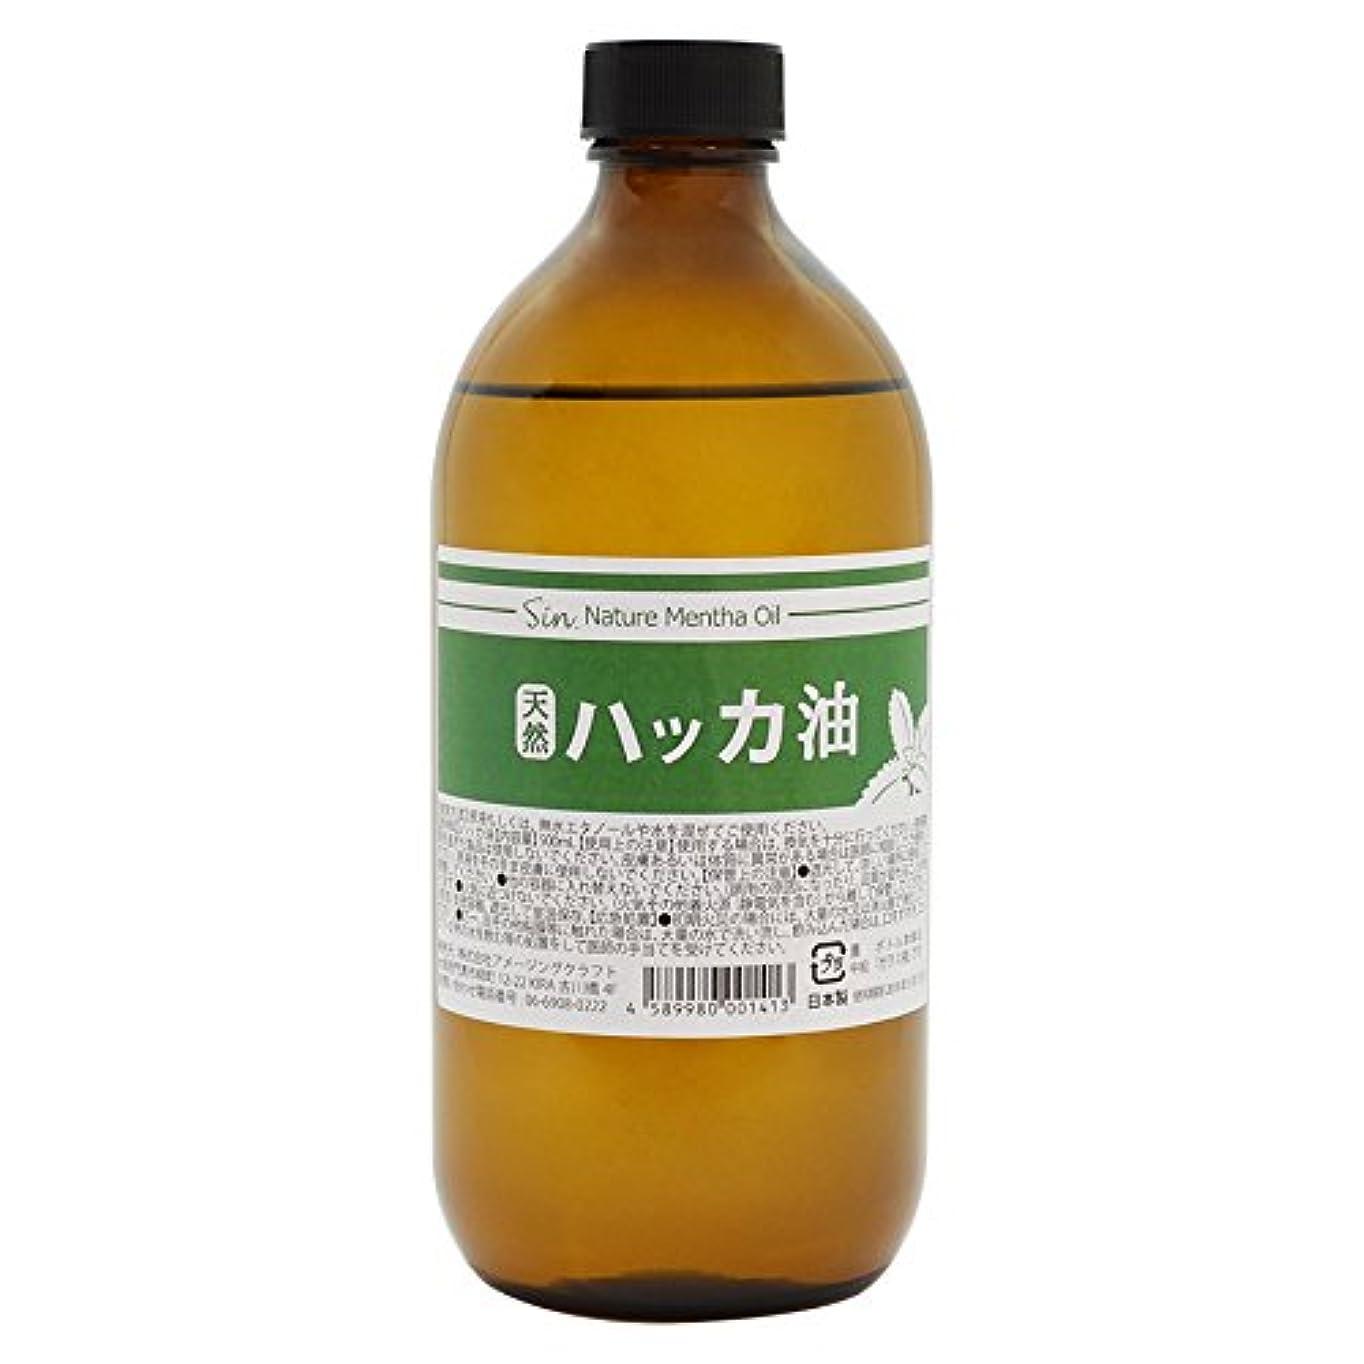 ぺディカブエトナ山ブロッサム日本製 天然ハッカ油(ハッカオイル) お徳用500ml 中栓付き